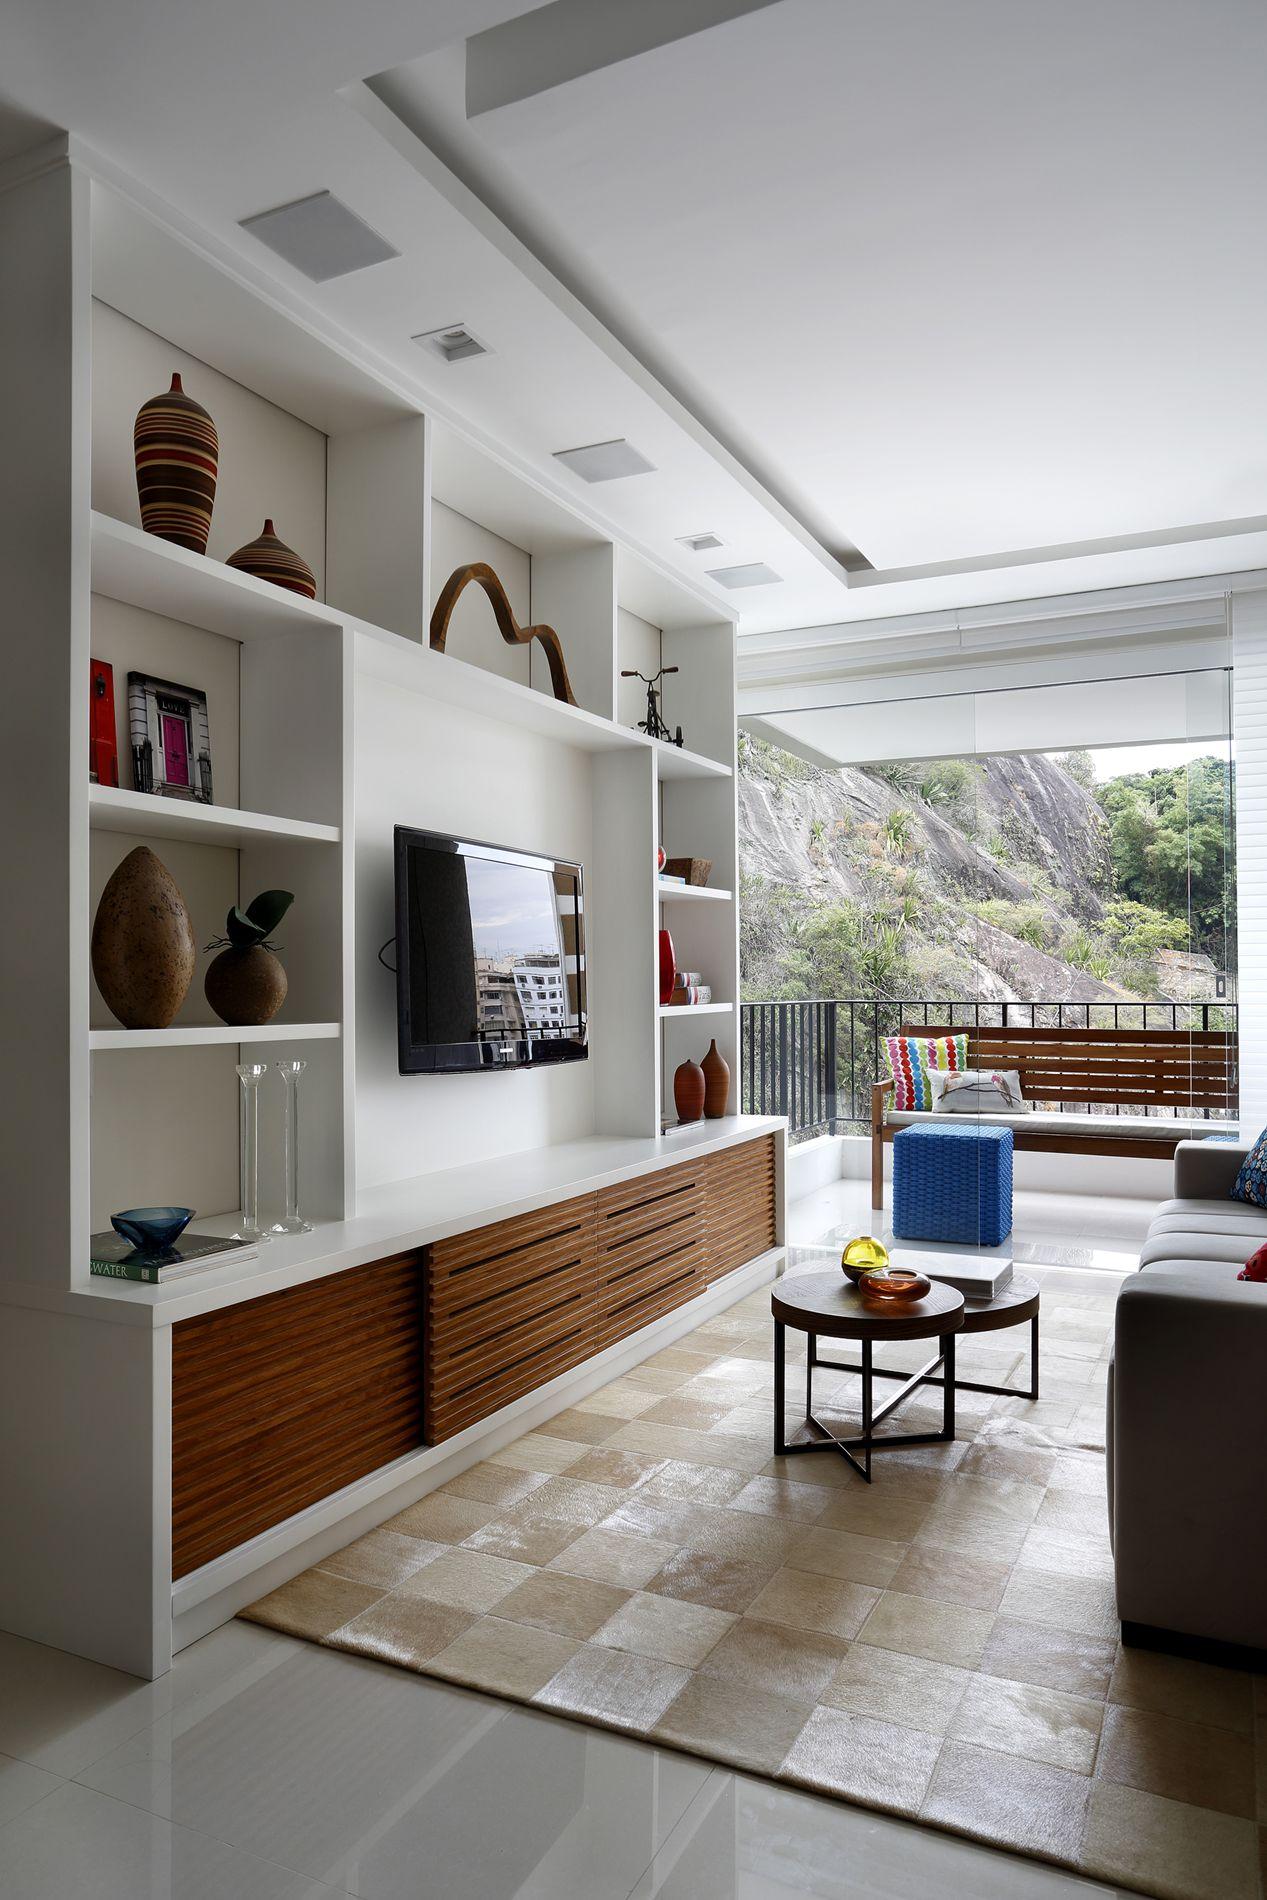 Projeto Arquitetura para Interiores de Apartamento em Laranjeiras Rj #1C365F 1267 1900